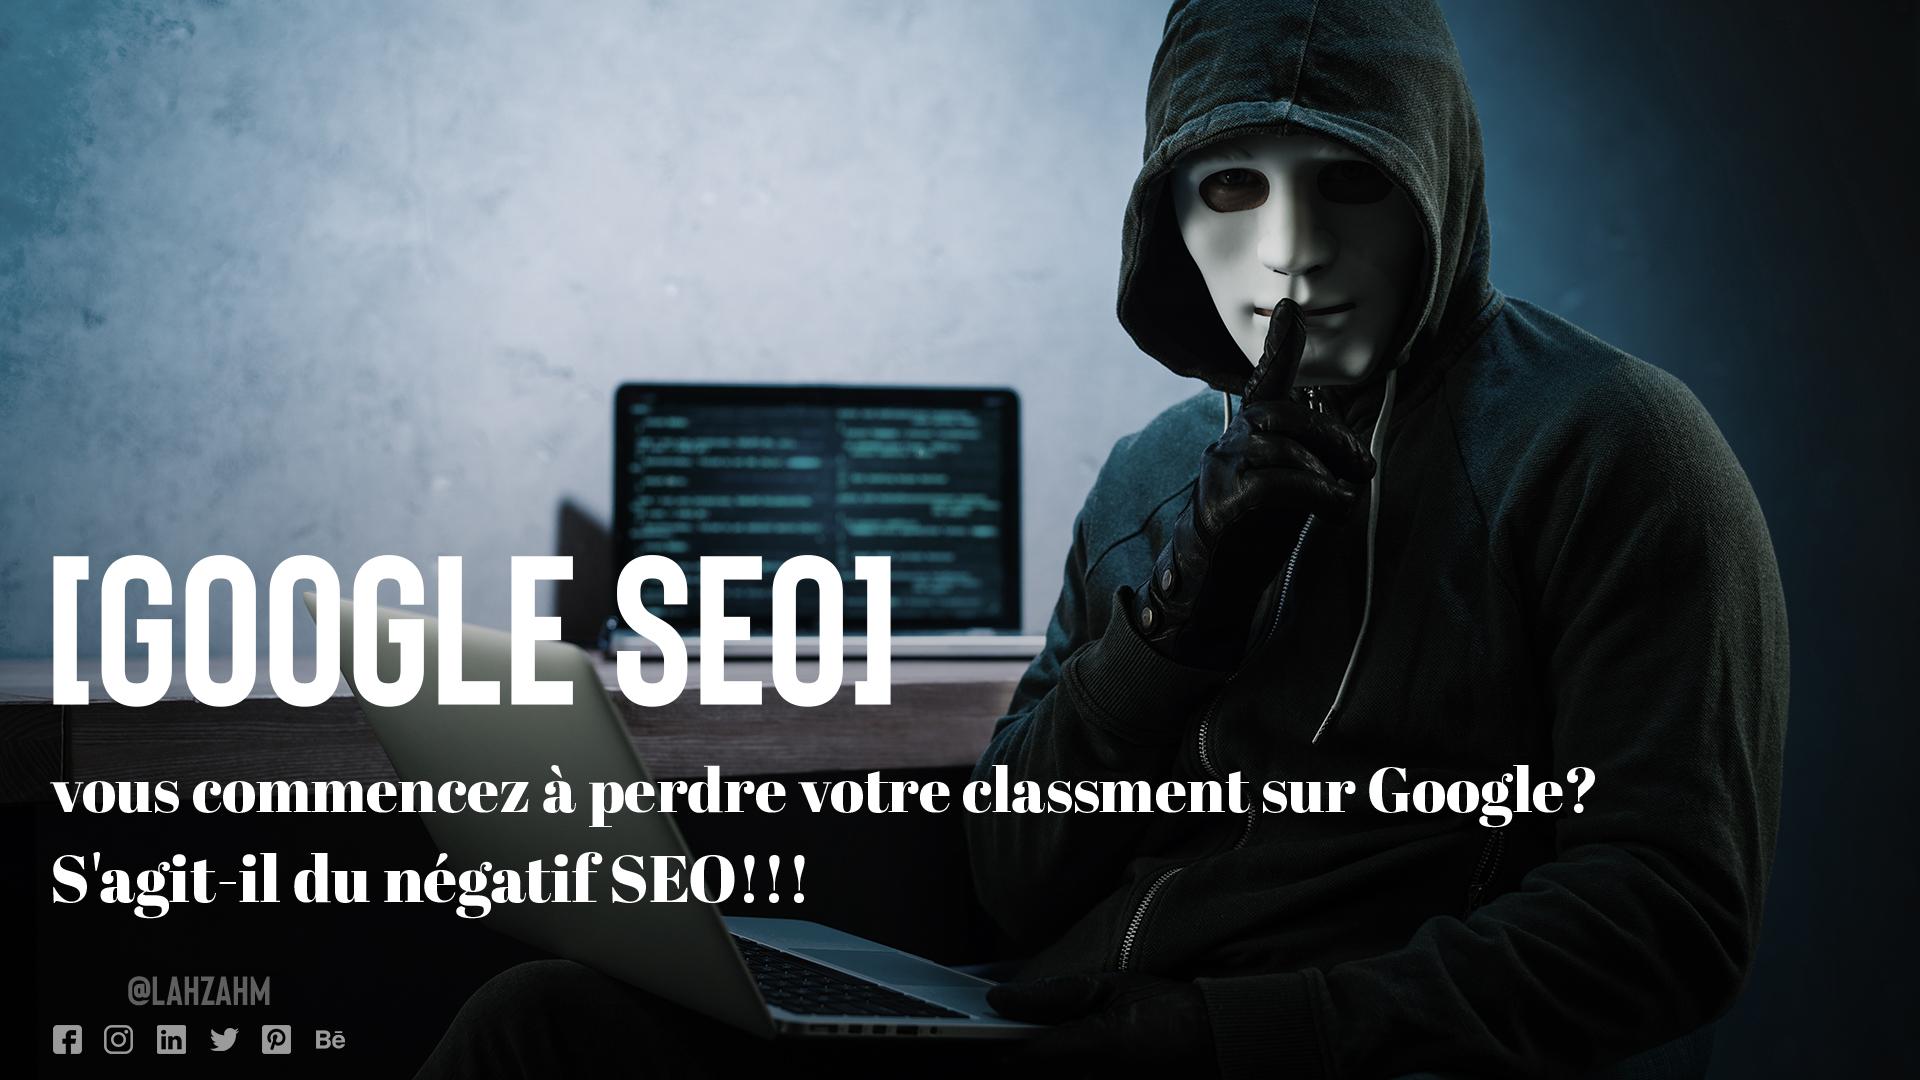 Vous commencez à perdre votre classement sur Google ? S'agit-il du négatif SEO ?